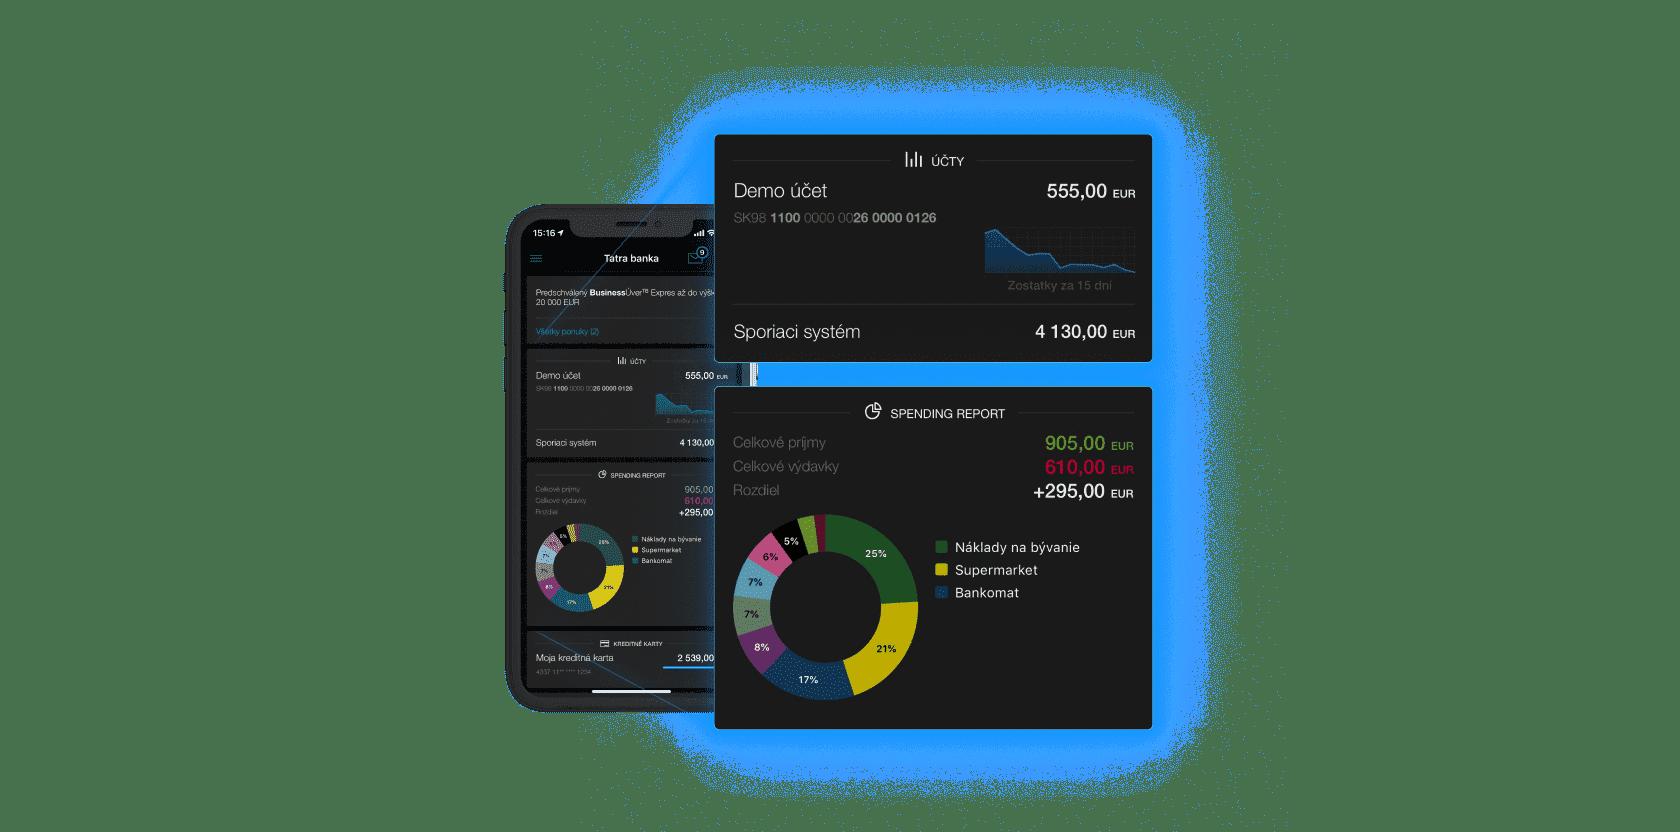 vyvoj mobilnej aplikacie na ios a android s personalizovanym prehladom uctu